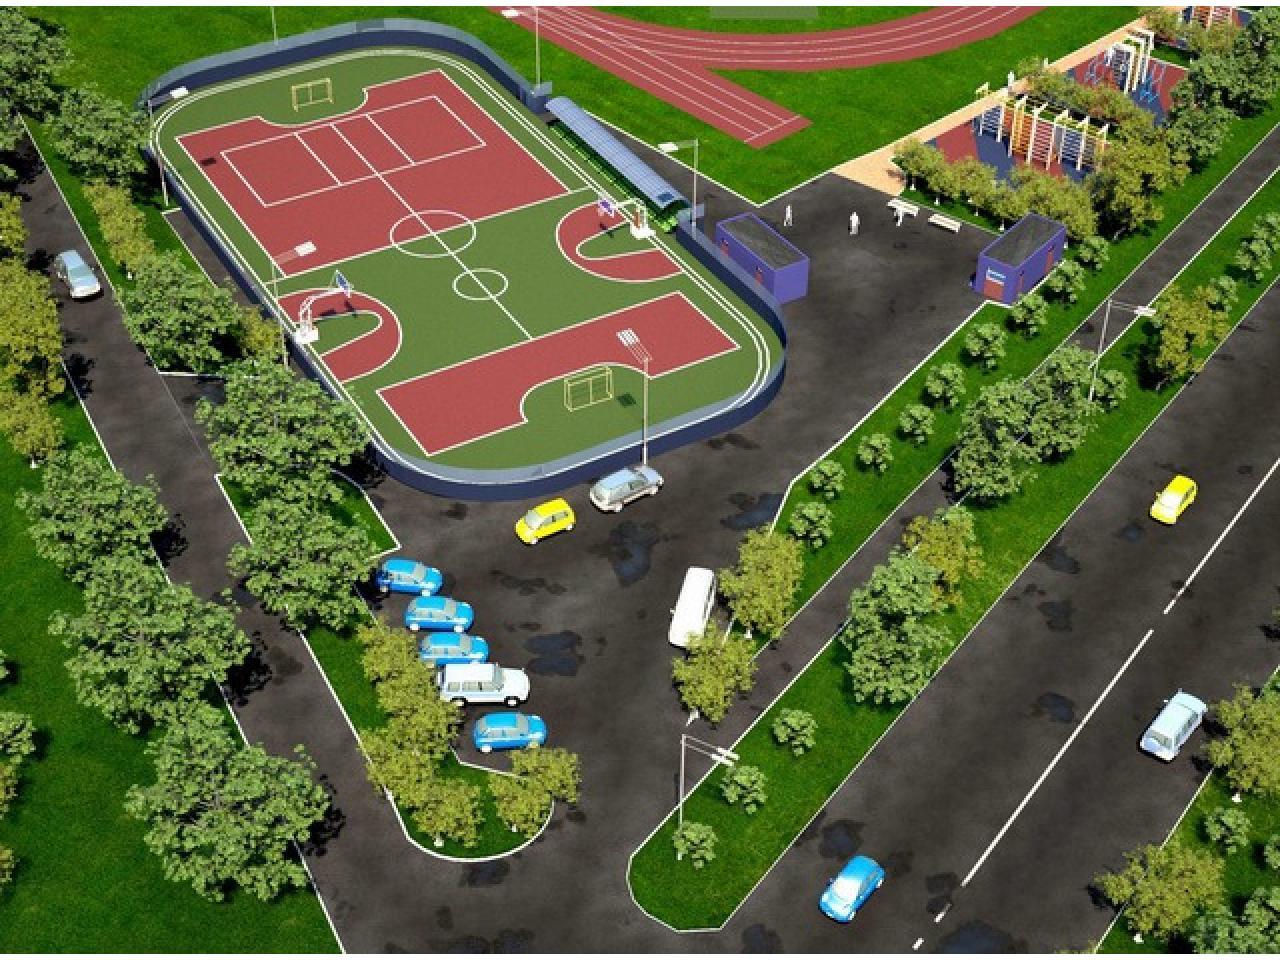 Теннисный корт по доступной цене и в минимальные сроки. Строительство. - 2